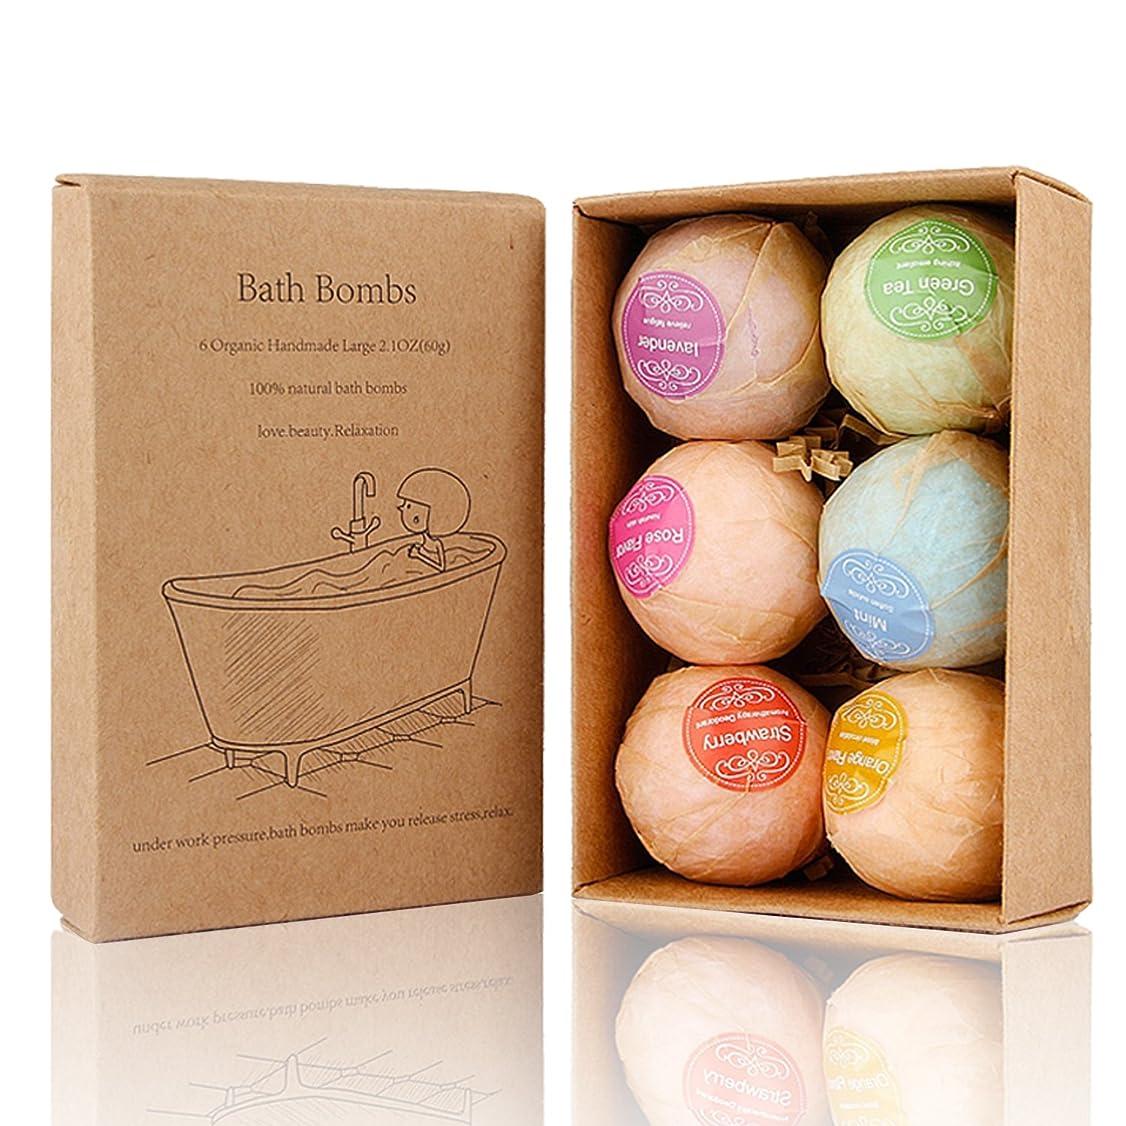 カウント試すデンプシーBath Bomb, 温泡 入浴剤 ギフトセット6個入り, Perfect for Bubble & Spa Bath Ultra Lush Bath Fizzies